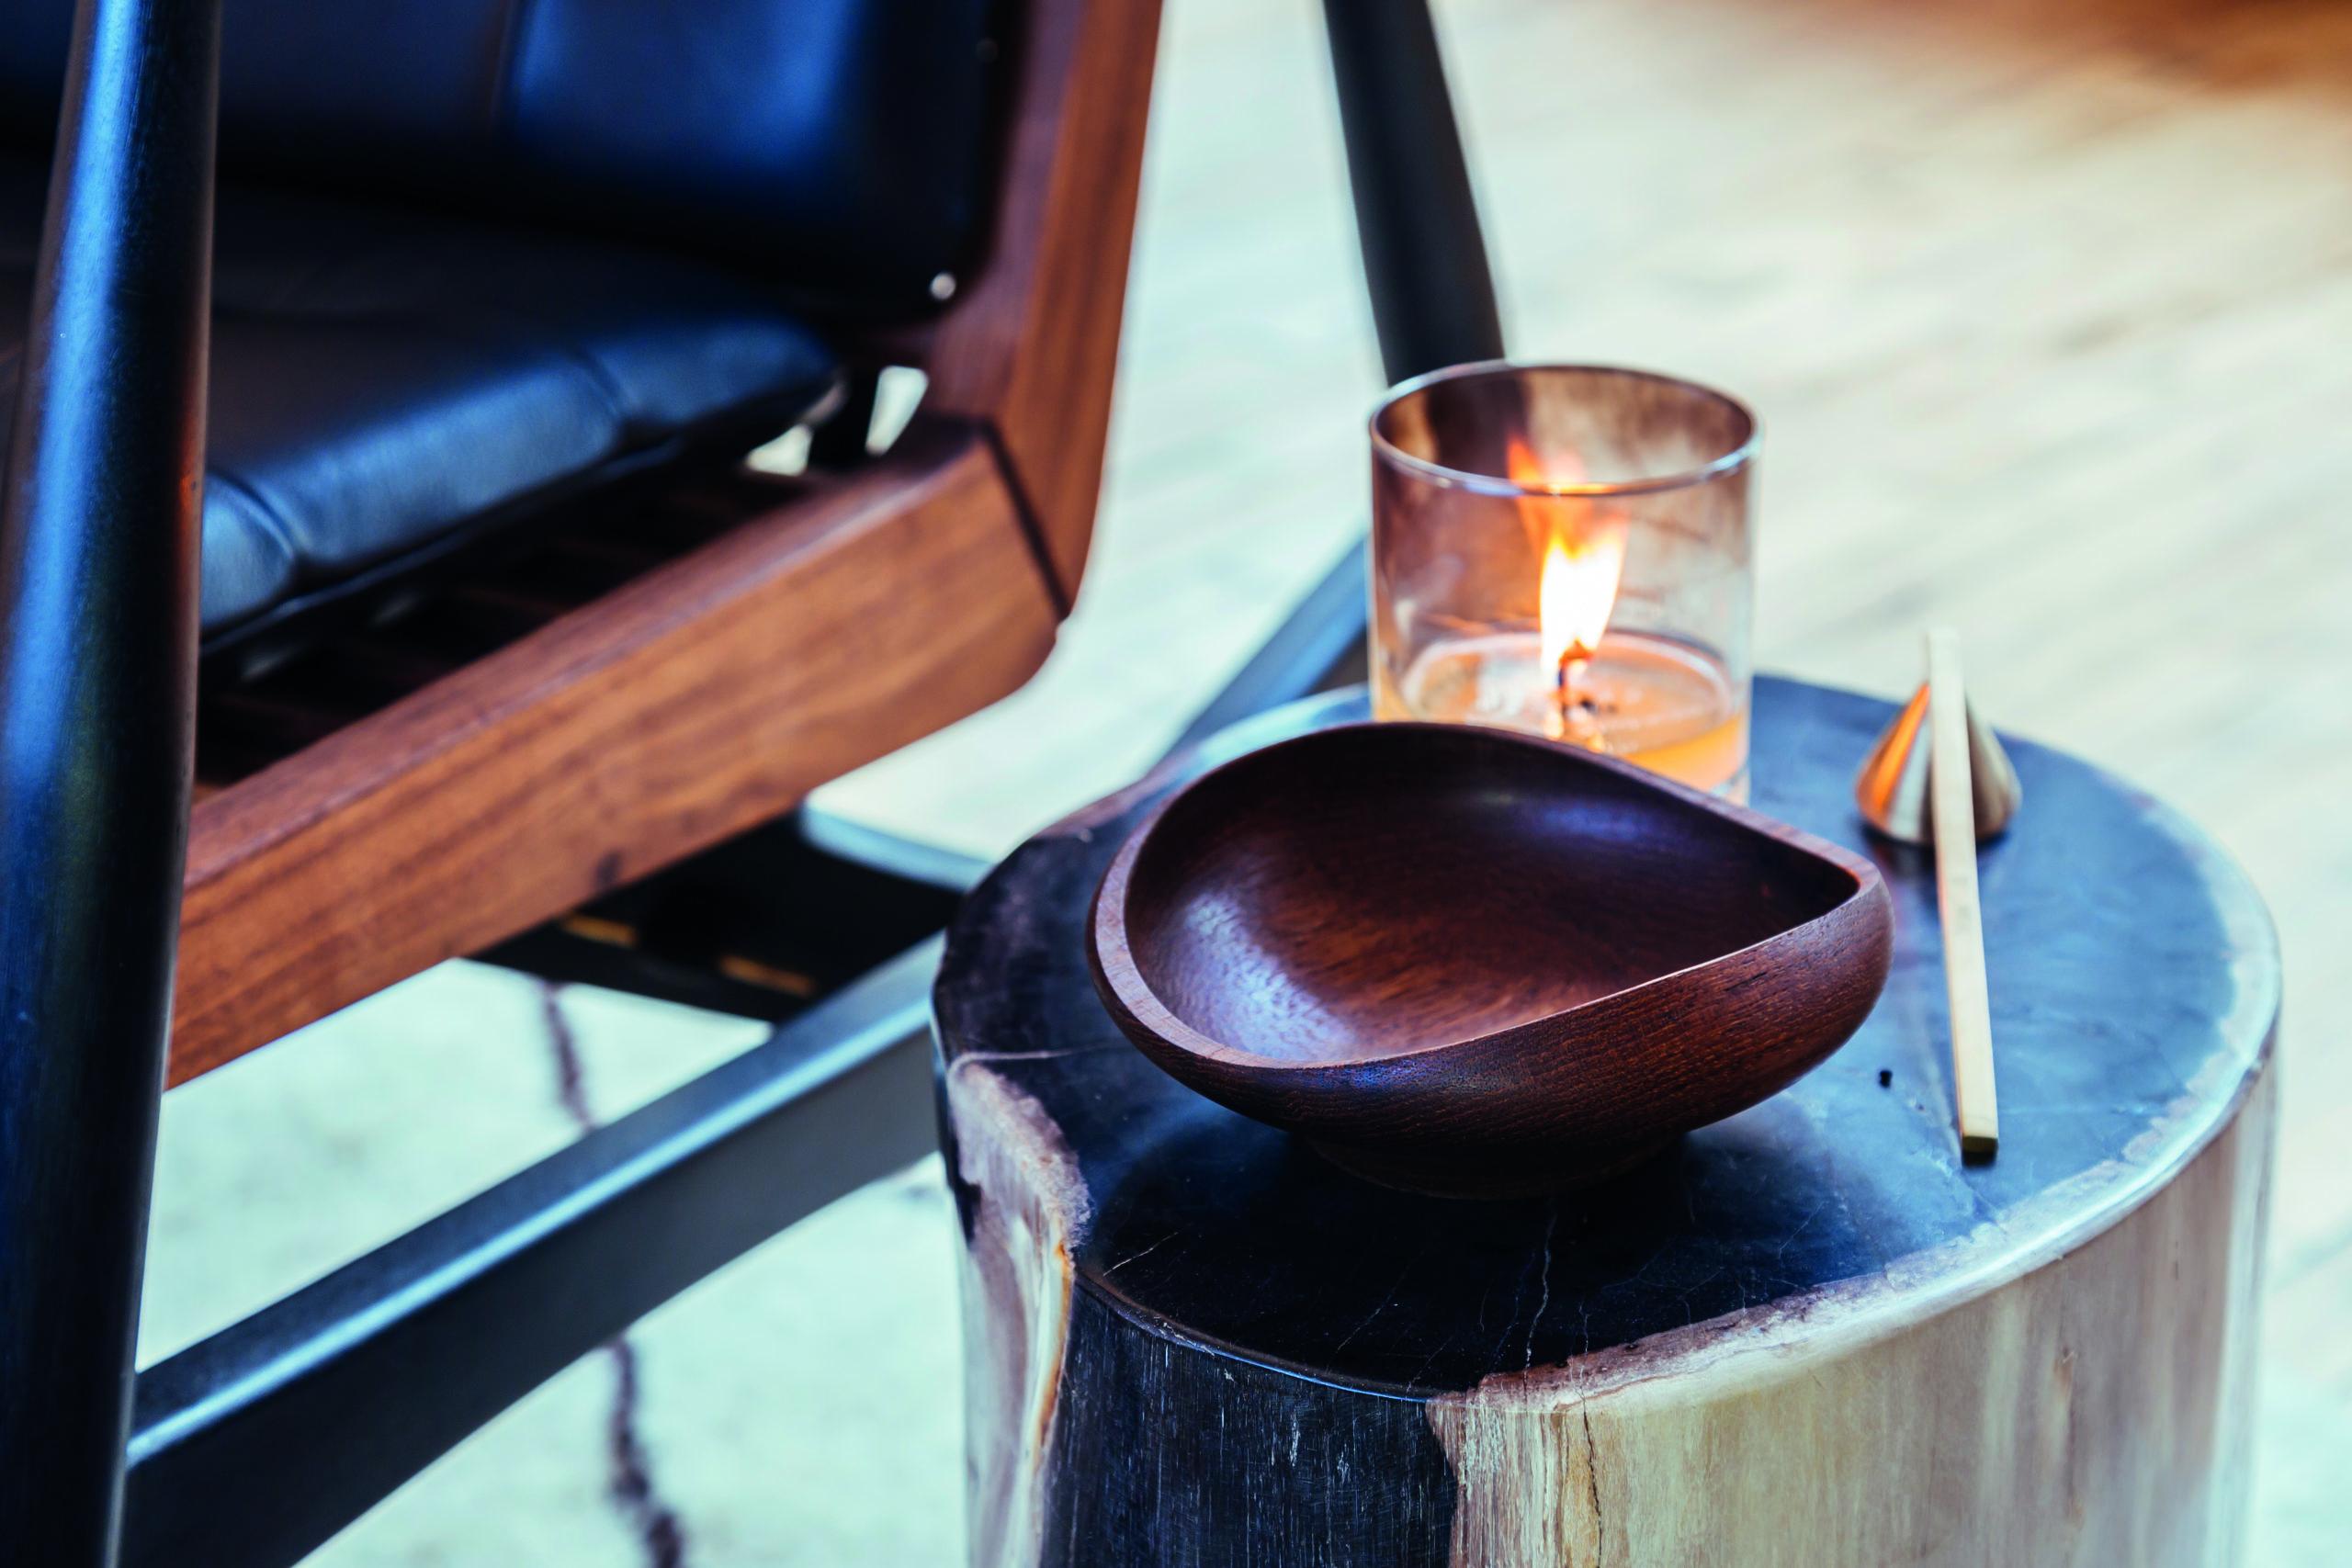 Architectmade-FJ-Bowl-15-Teak-Wood-Denmark-Finn-Juhl-1